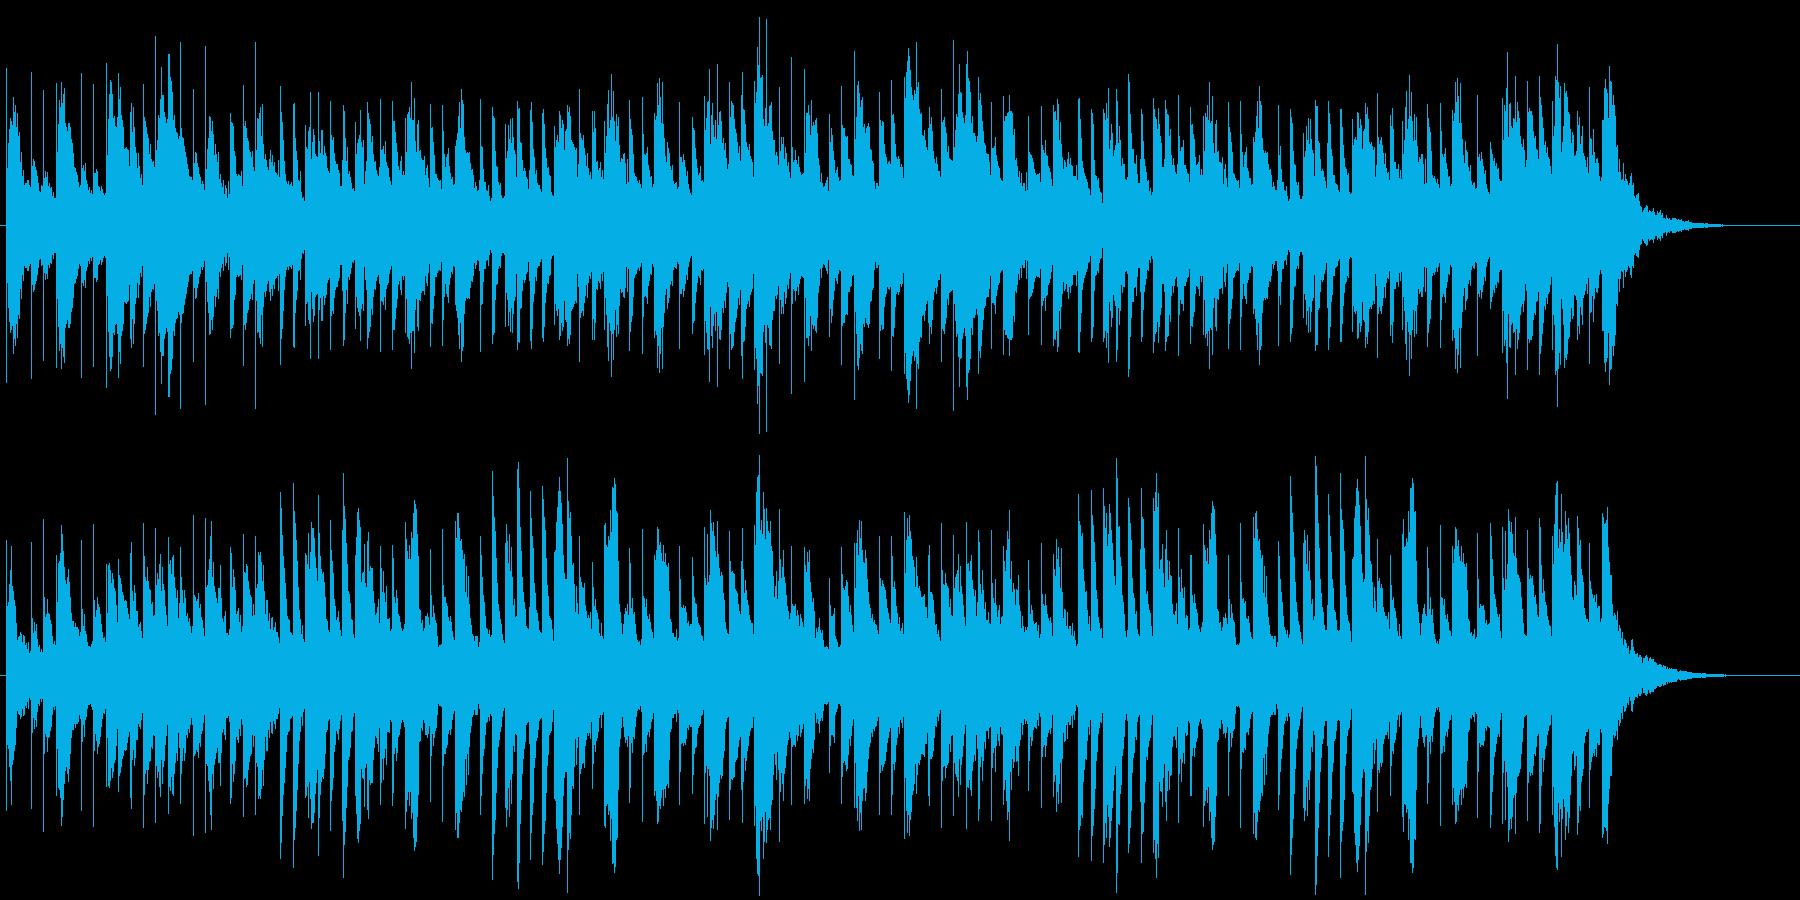 パッヘルベルの「カノン」の再生済みの波形